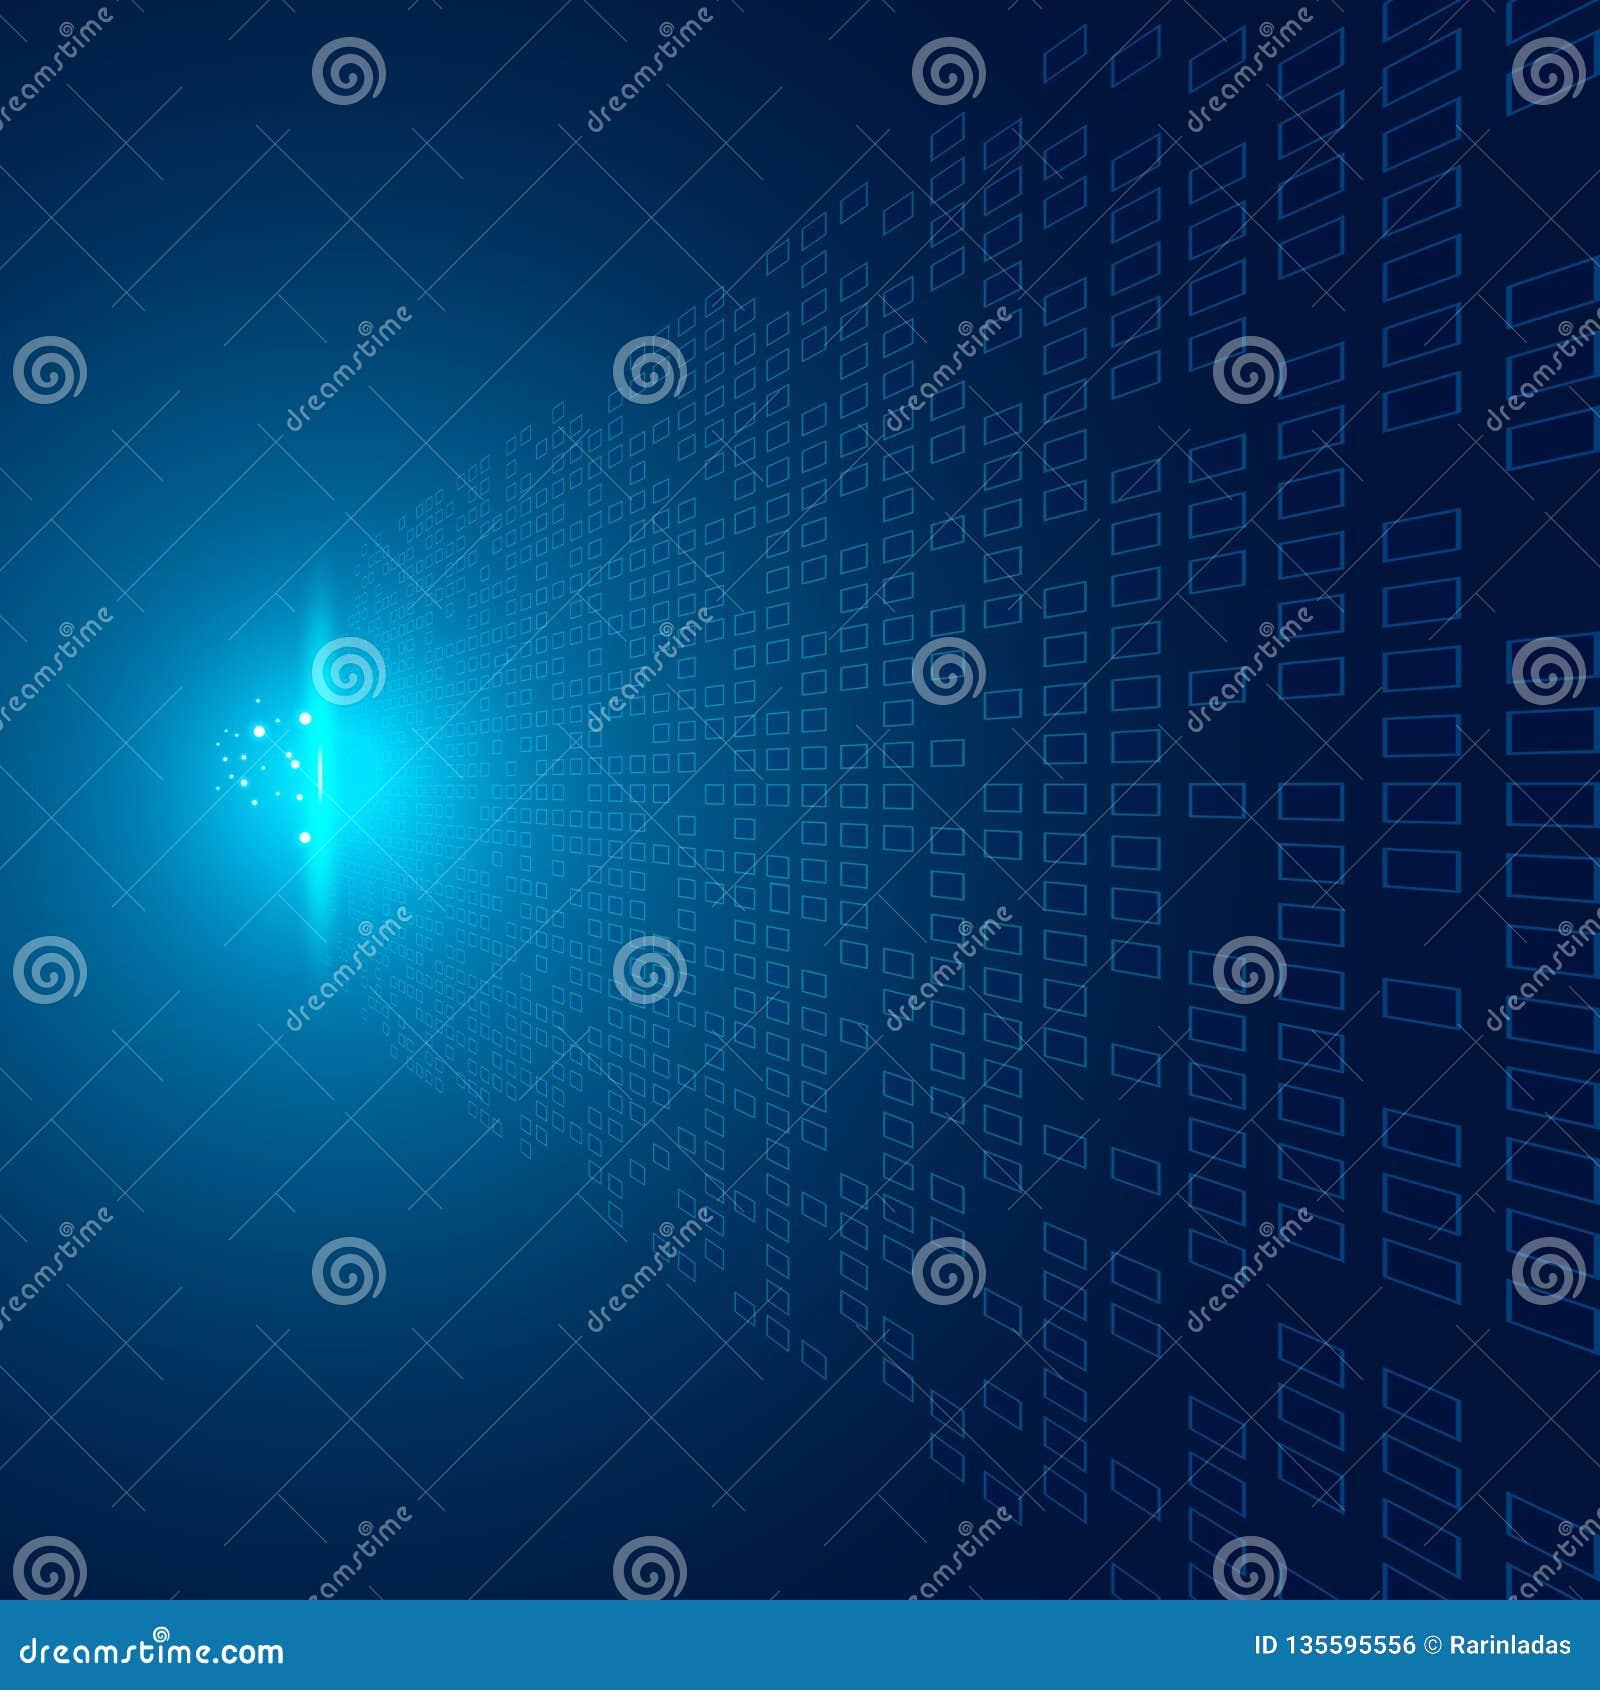 Het abstracte perspectief van de overdrachtgegevens van het vierkantenpatroon futuristische op blauwe achtergrond met Effect van